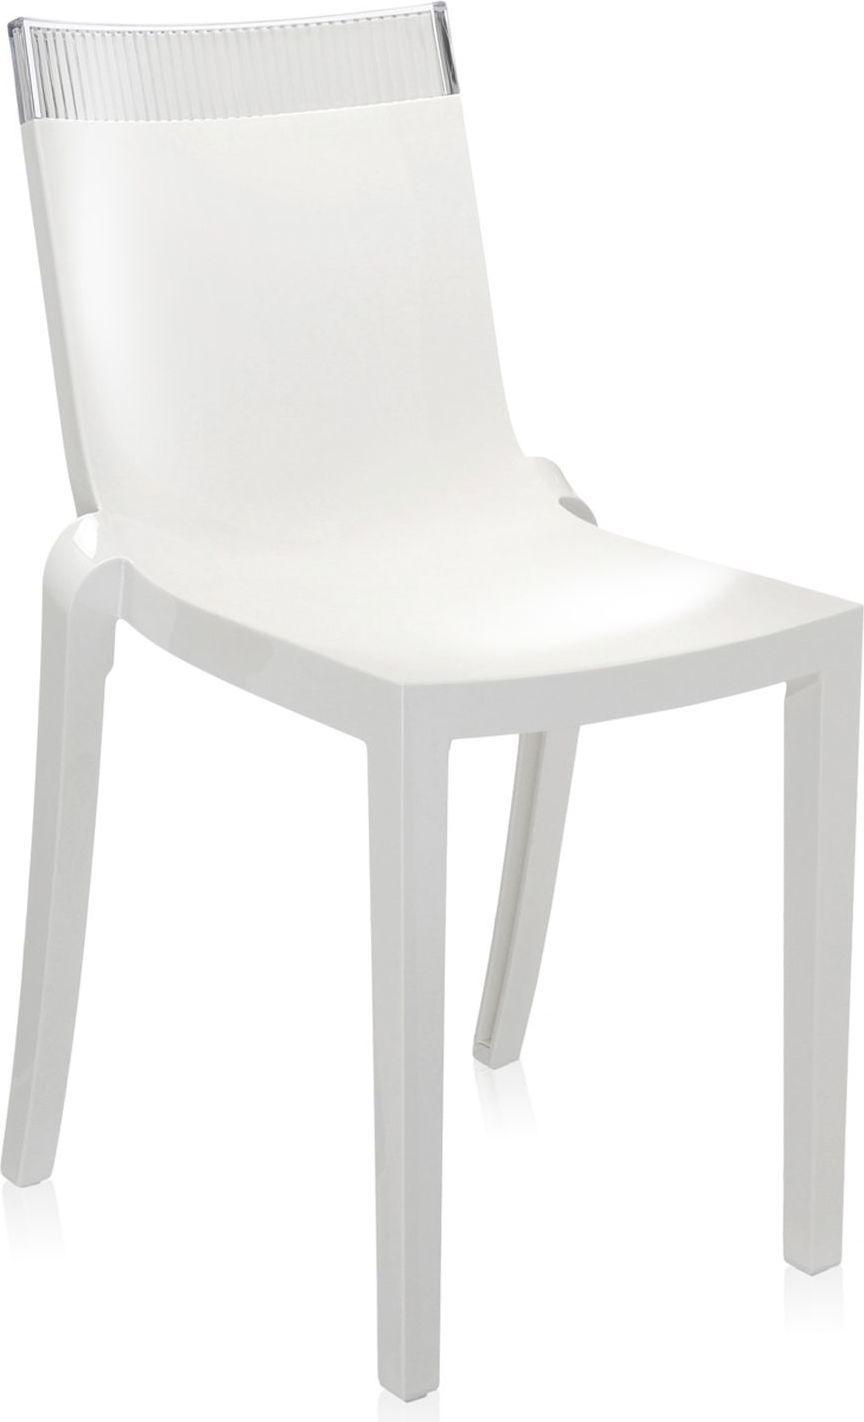 Krzesła I Taborety Do Kuchni Krzesła Drewniane Do Jadalni Allegro